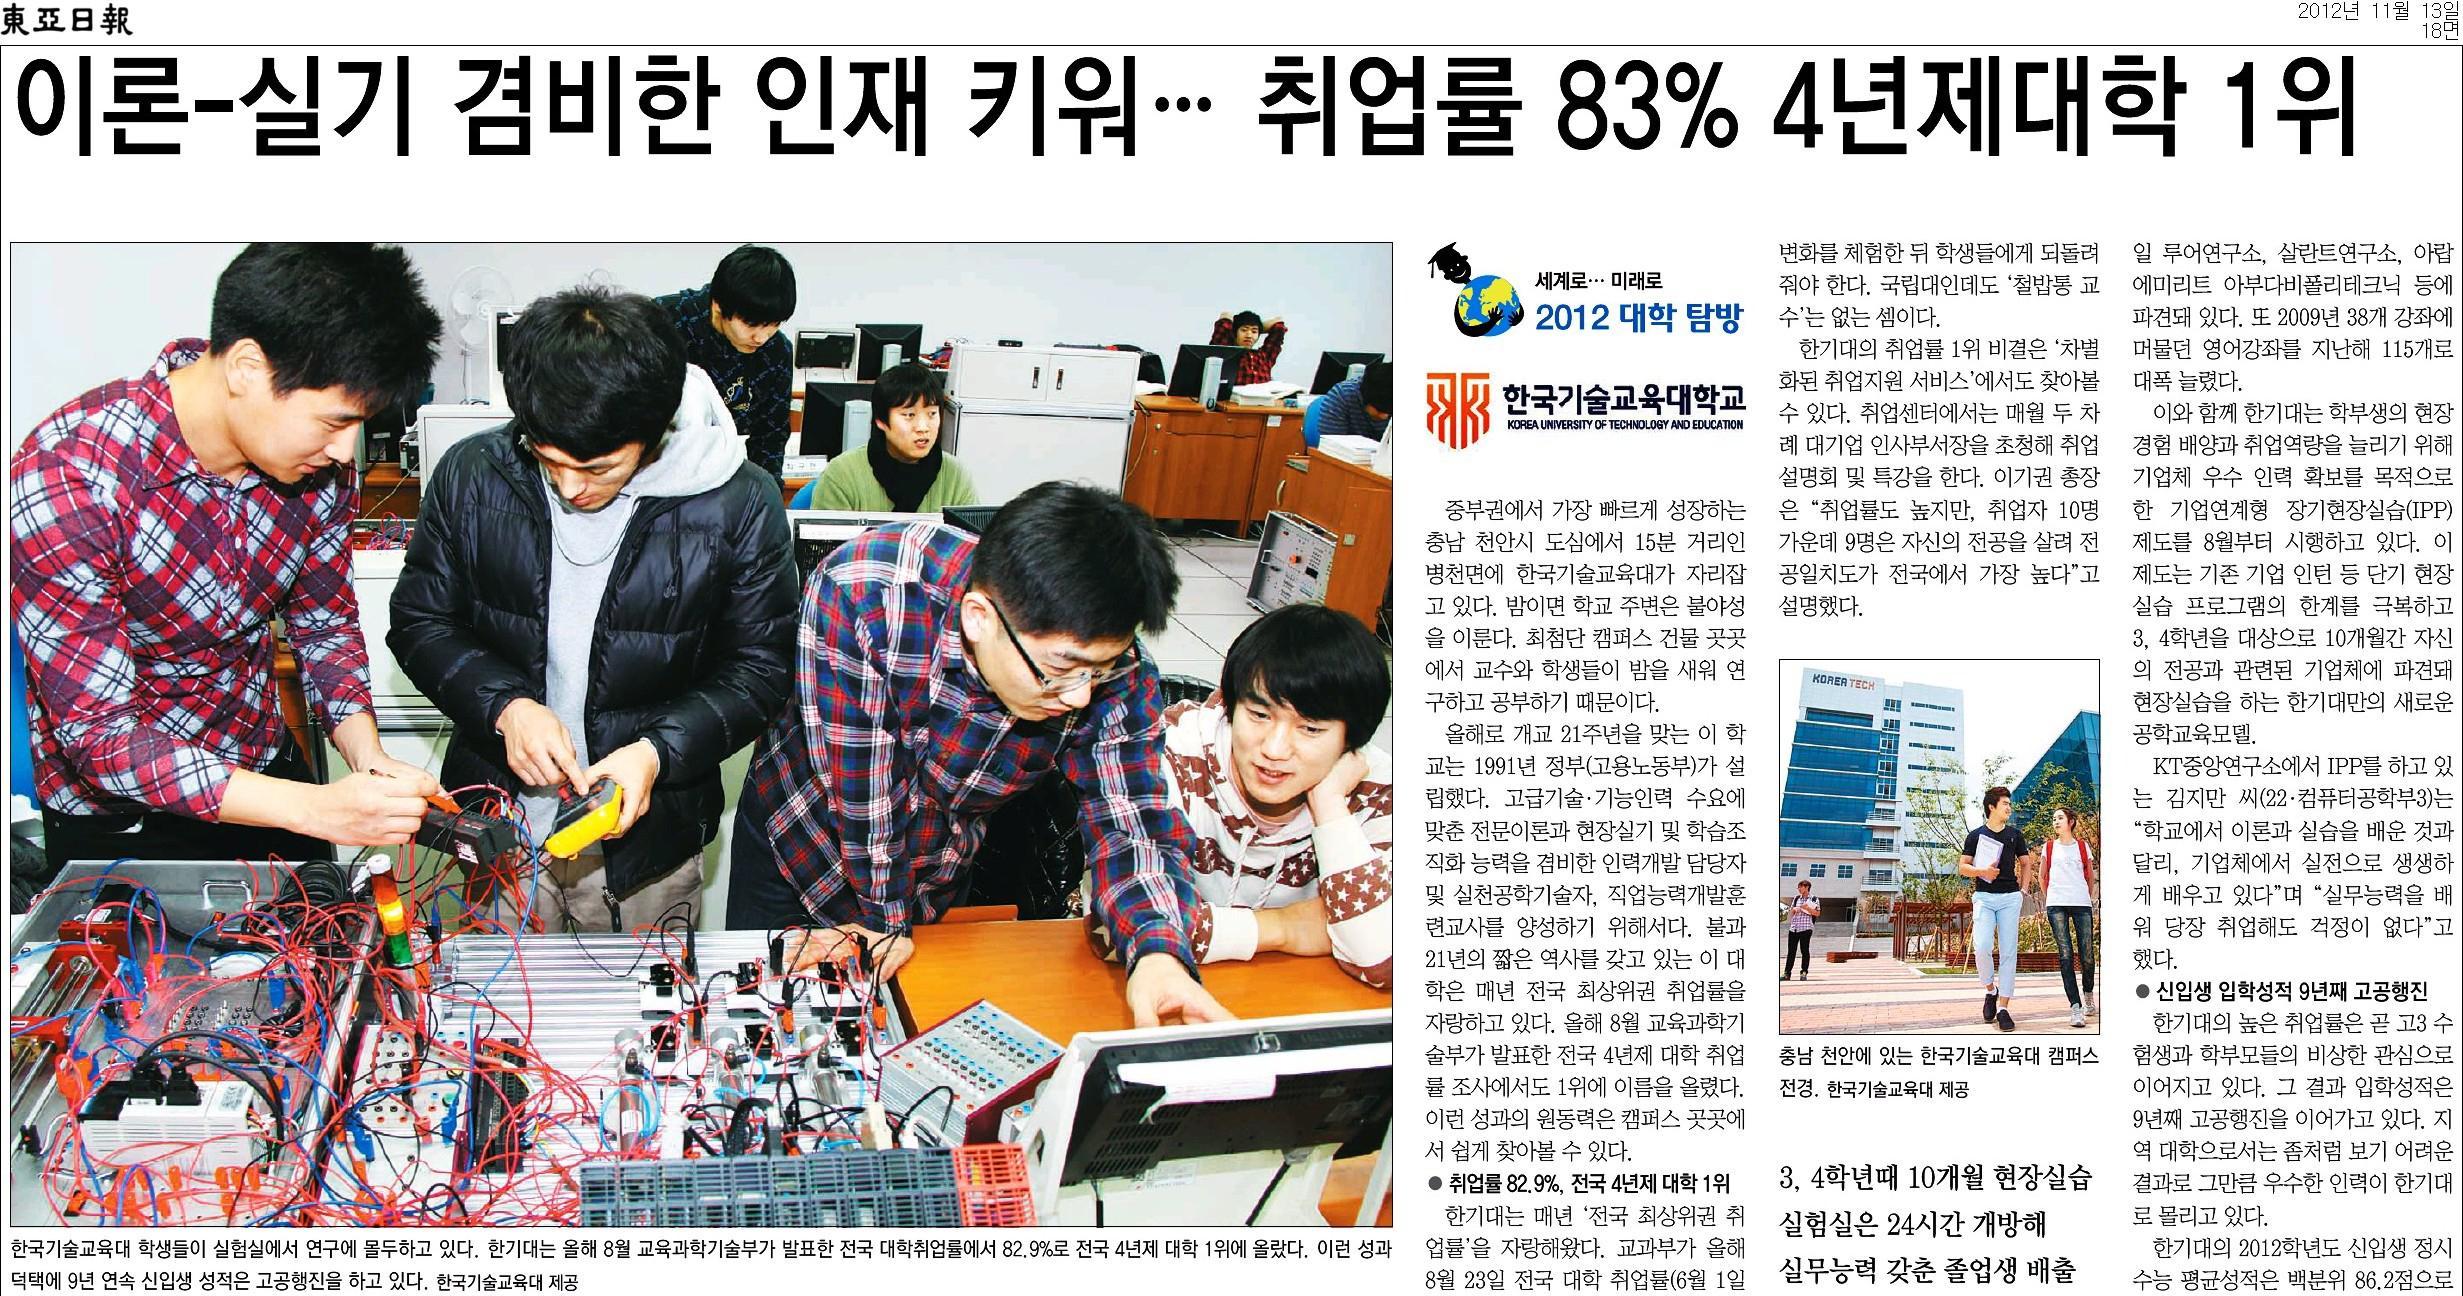 [동아일보] [세계로… 미래로 2012 대학 탐방]취업률 83% 4년제대학 1위, 한국기술교육대